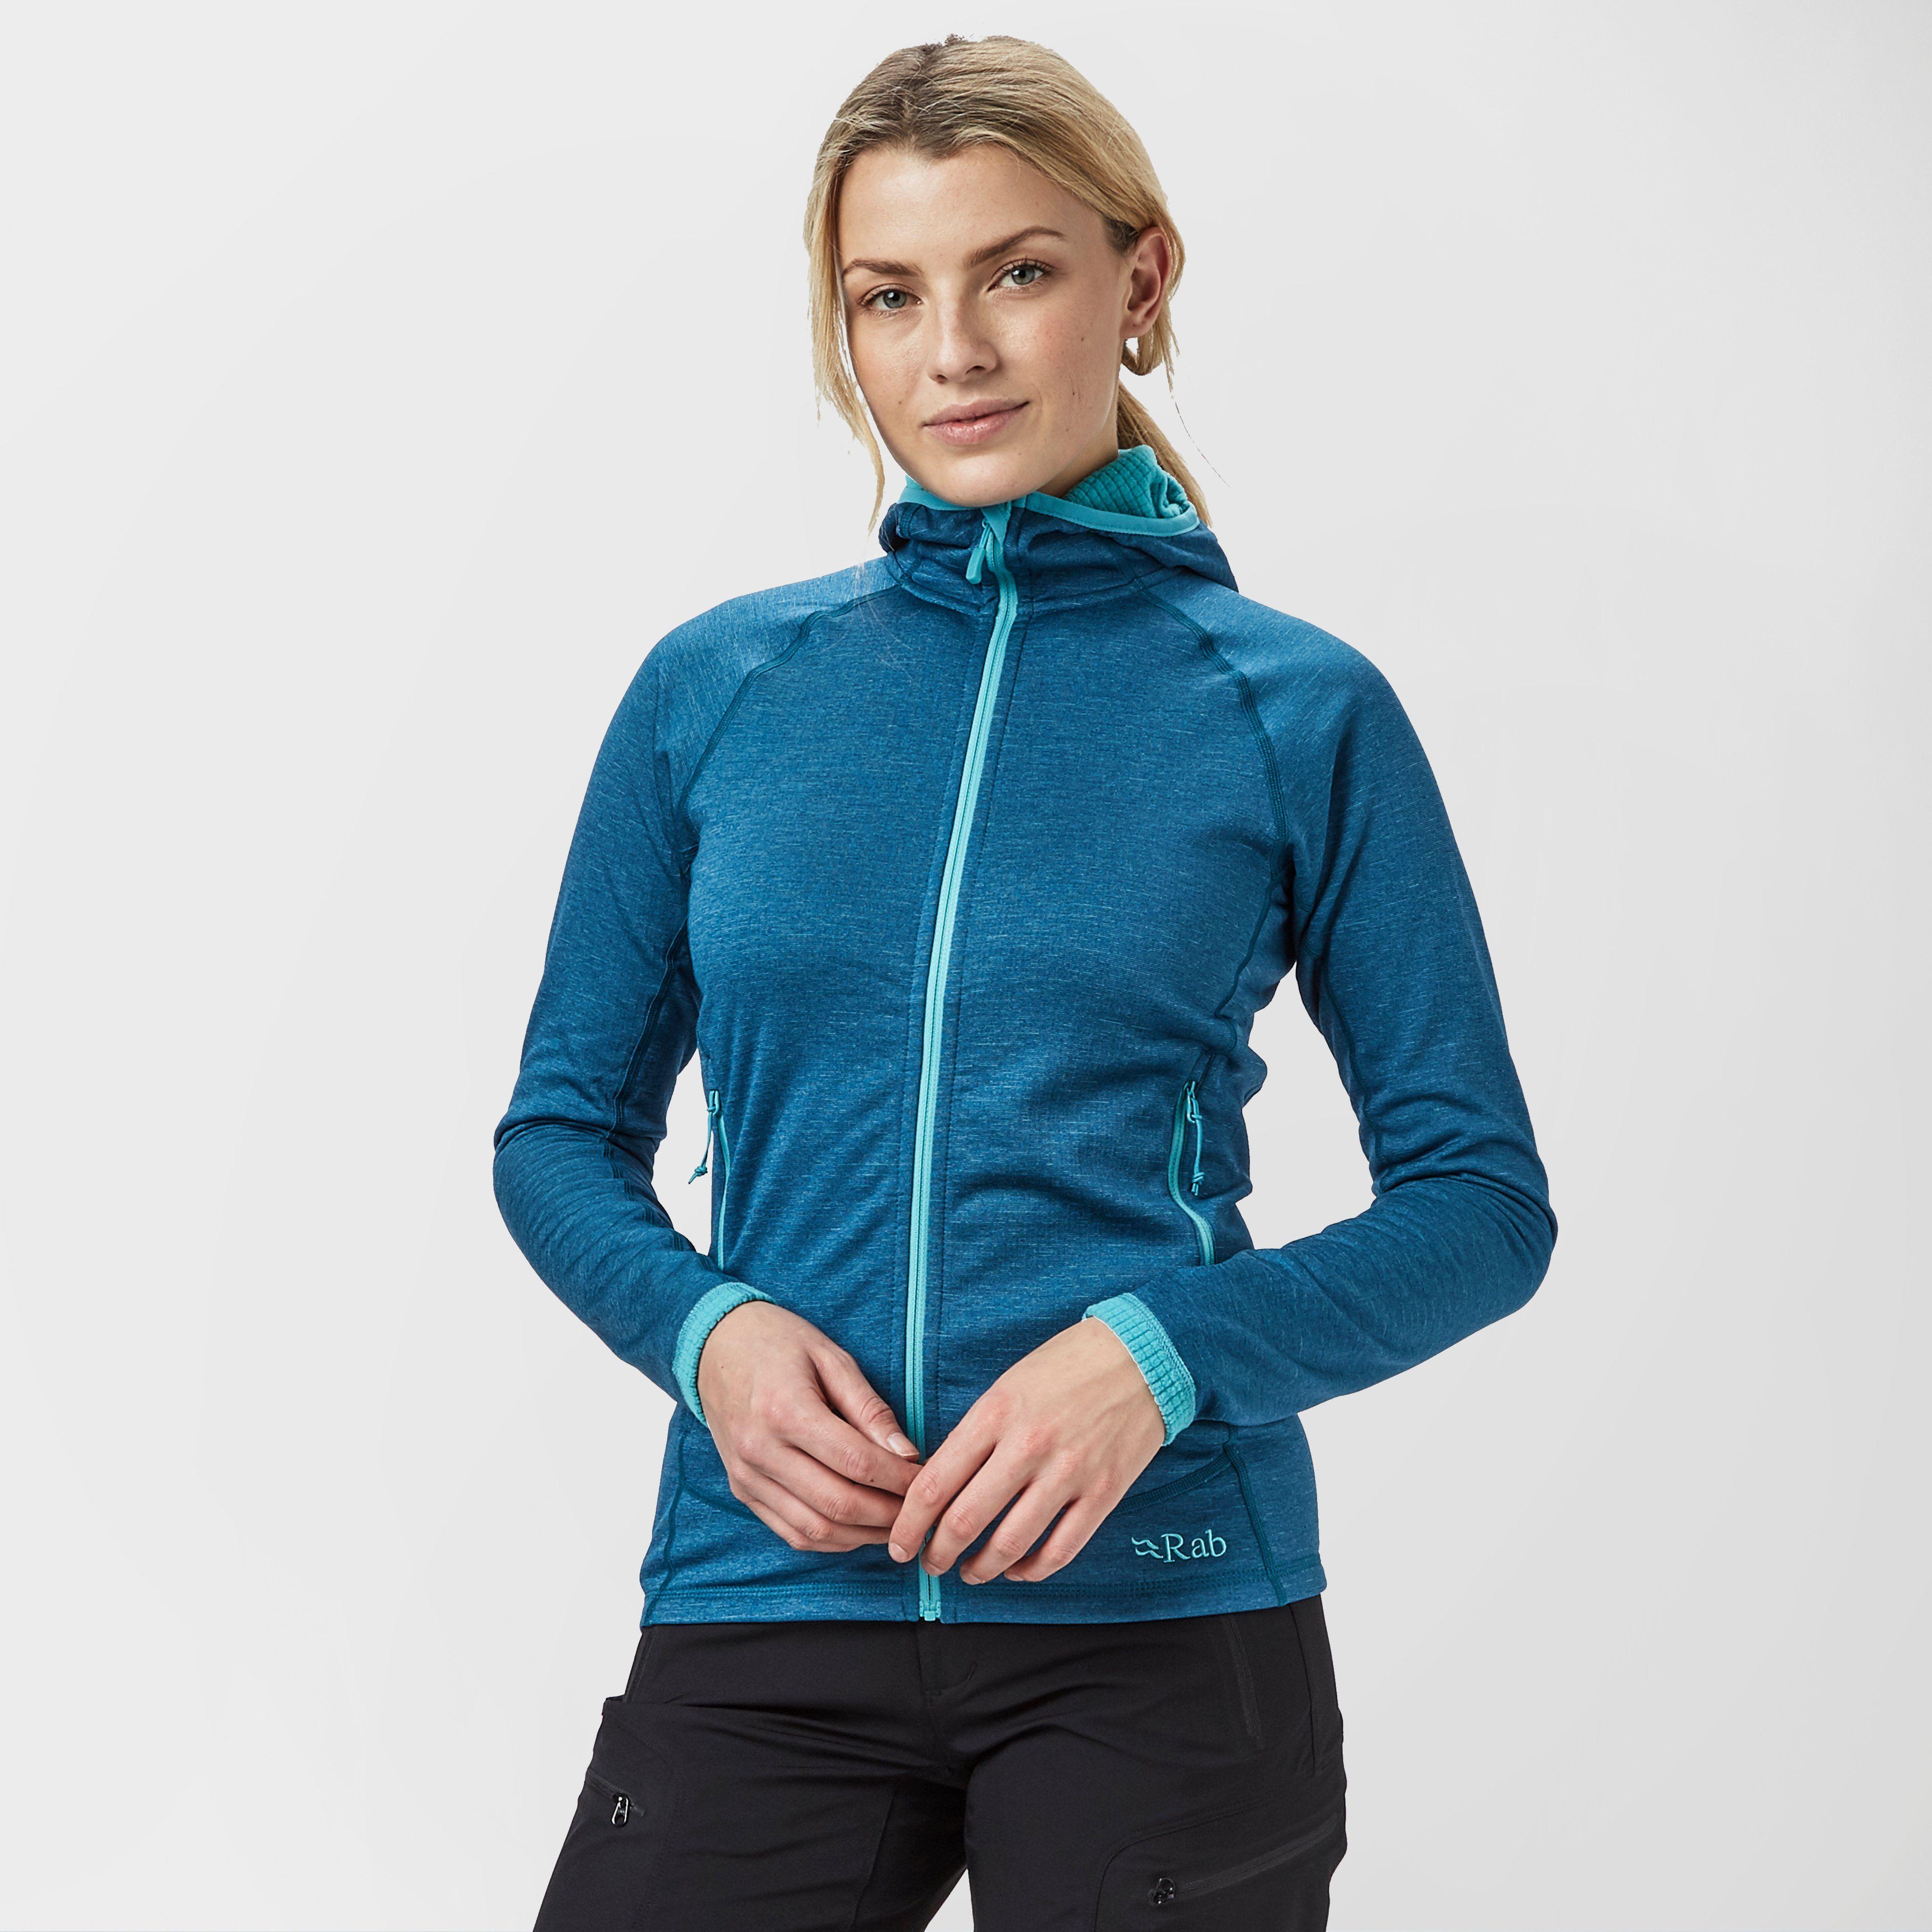 RAB Women's Nucleus Half-Zip Fleece